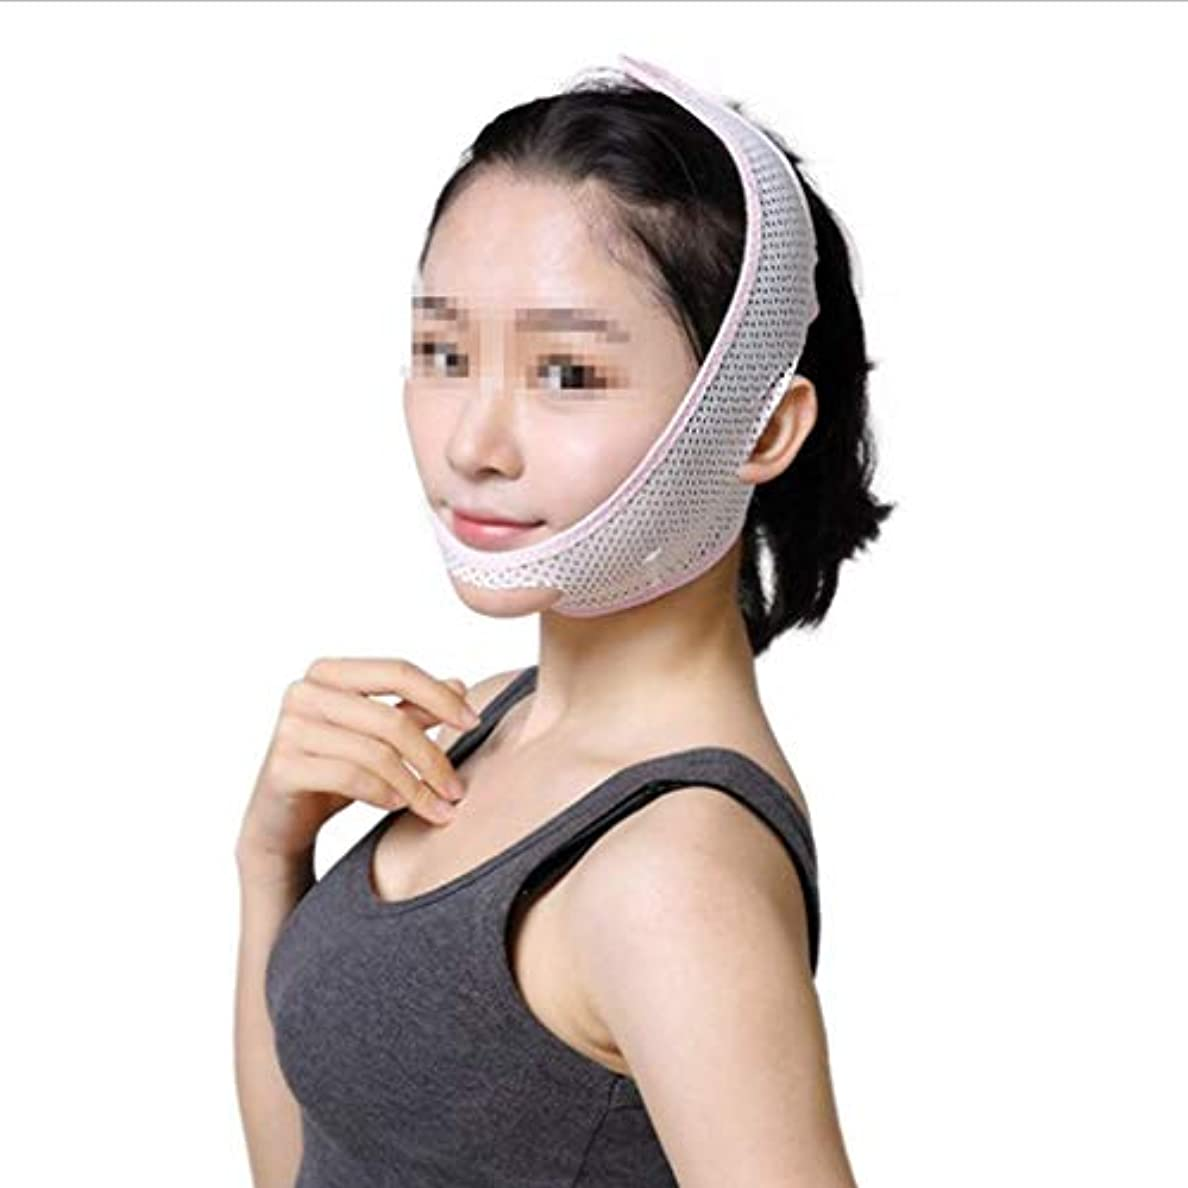 セマフォようこそ聖歌超薄型通気性フェイスマスク、包帯Vフェイスマスクフェイスリフティングファーミングダブルチンシンフェイスベルト(サイズ:M),ザ?